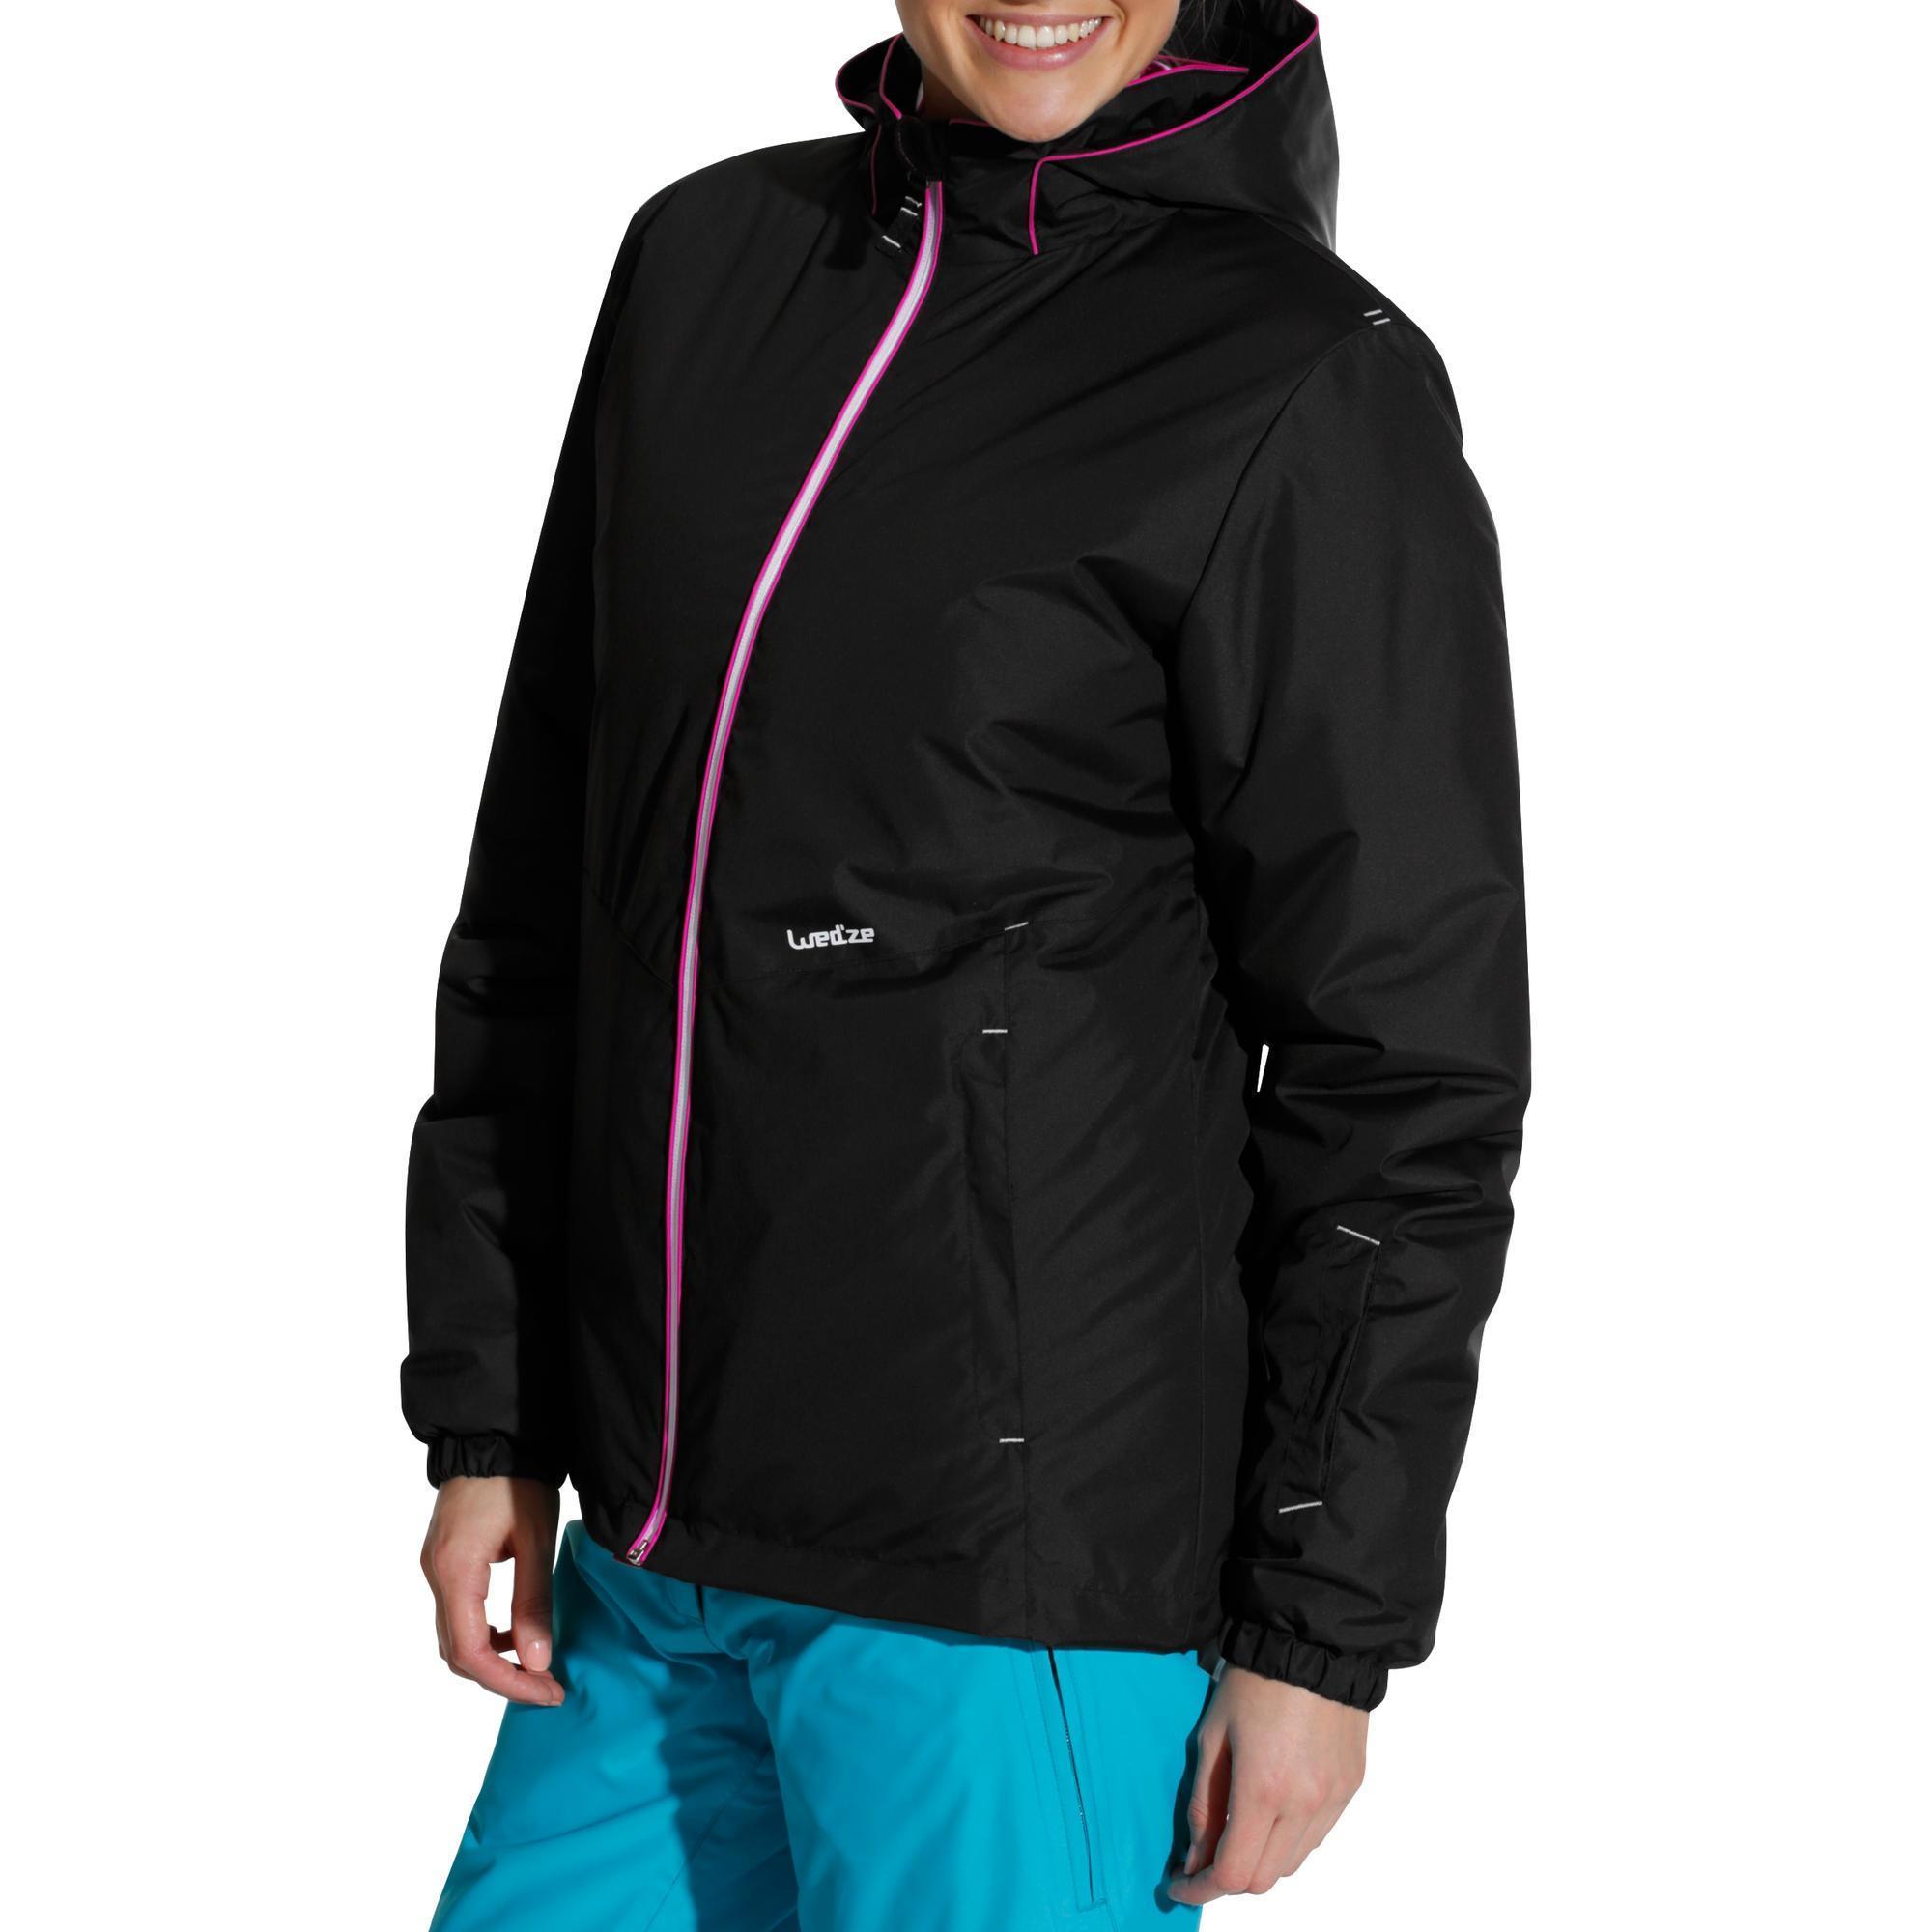 vívido y de gran estilo zapatos deportivos brillante n color ropa de esquí tienda de deportes moda online zapatos ...